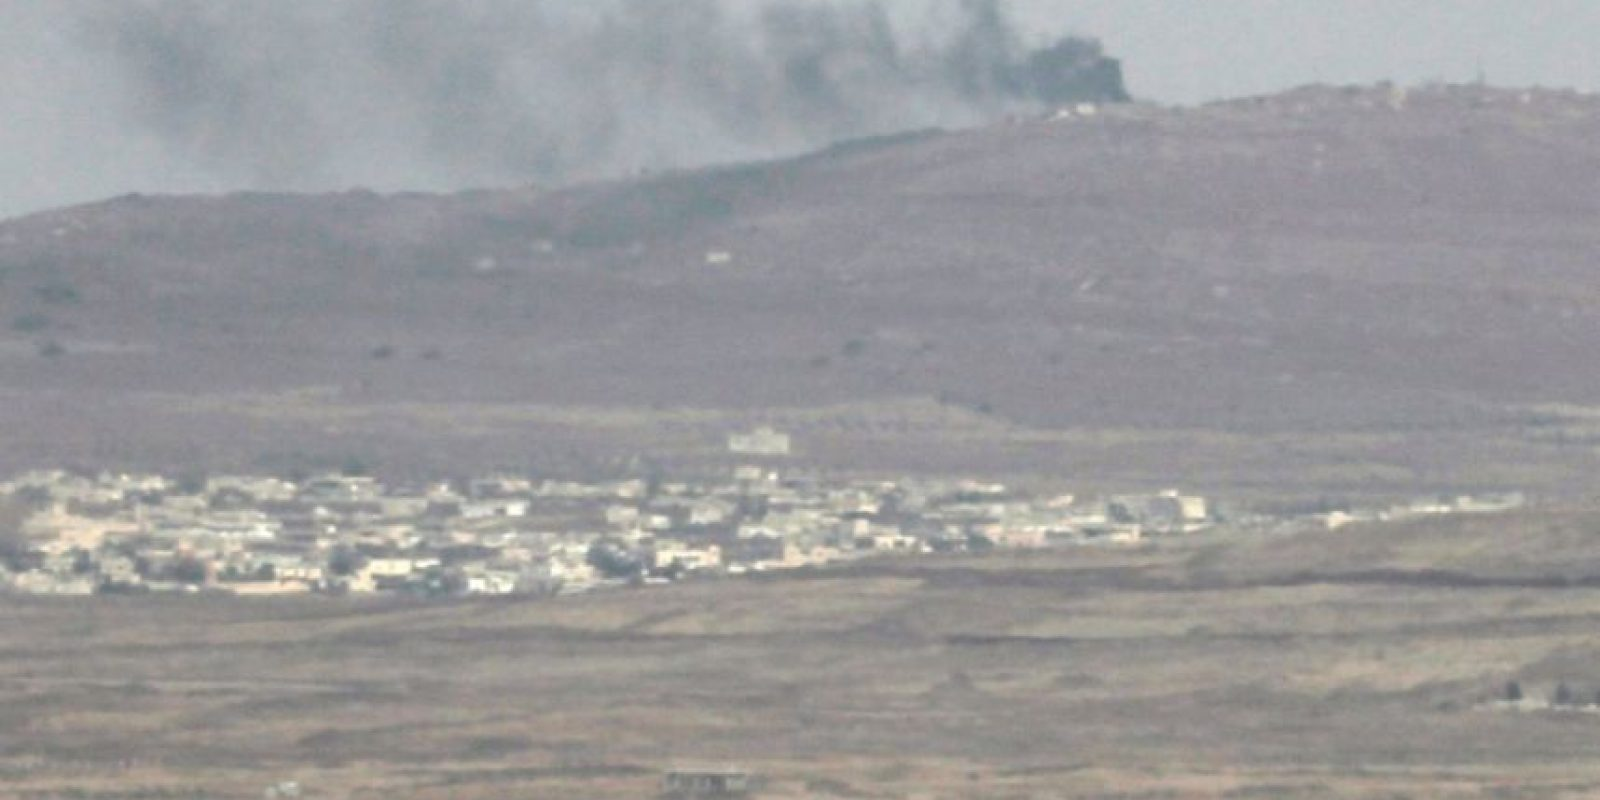 Humo procedente de una posición del ejército sirio, en una imagen tomada el 9 de noviembre de 2016 desde los Altos del Golán anexionados por Israel Foto:Jalaa Marey/afp.com